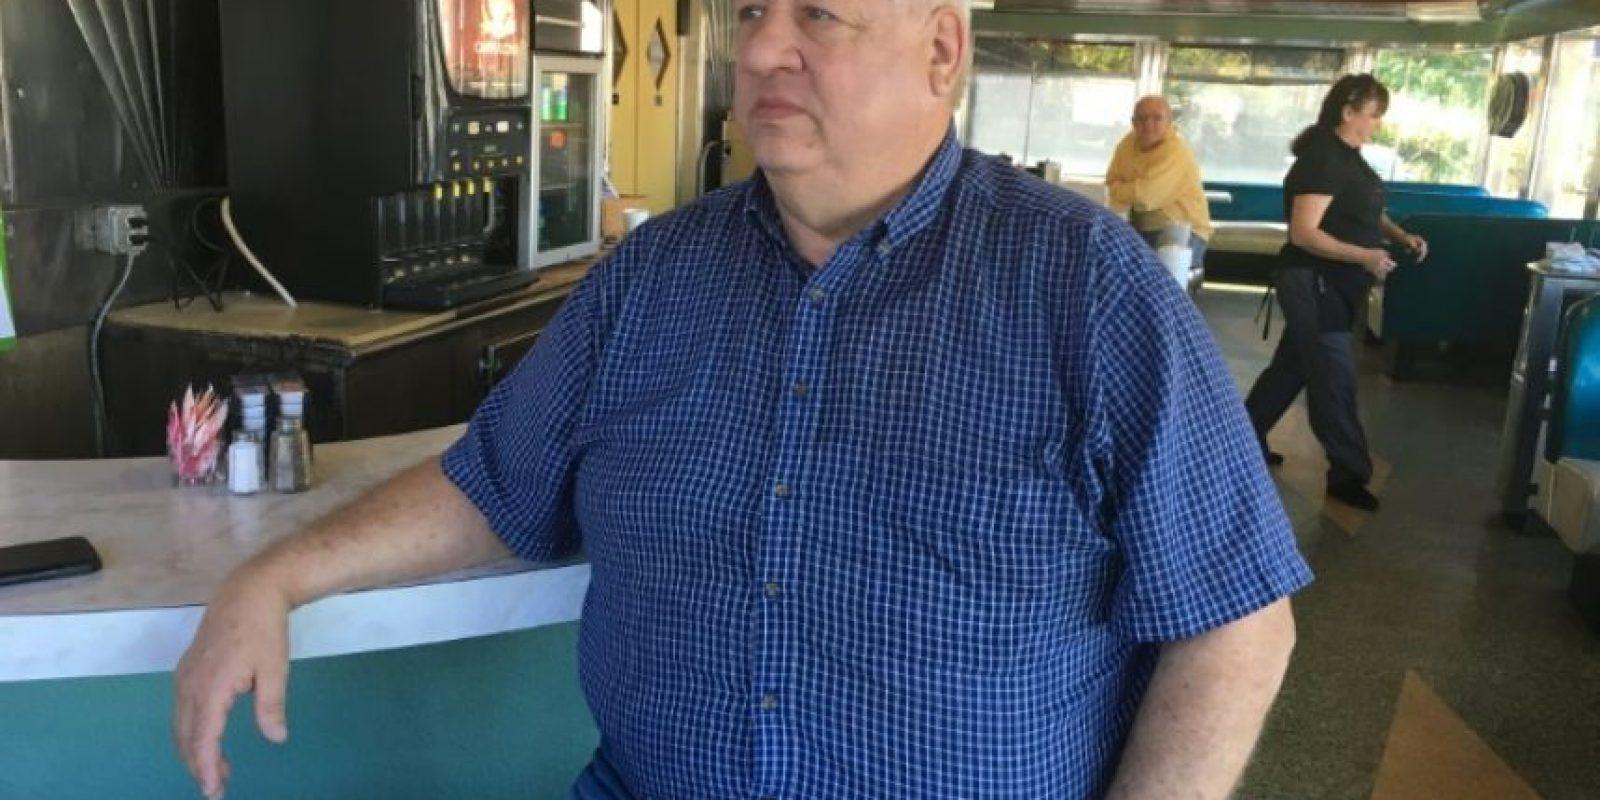 Roger Springer, partidario del candidato presidencial republicano Donald Trump, fotografiado en la barra de un restaurante en Harrisburg (Pensilvania, EEUU) el 4 de noviembre de 2016 Foto:Michael Mathes/afp.com